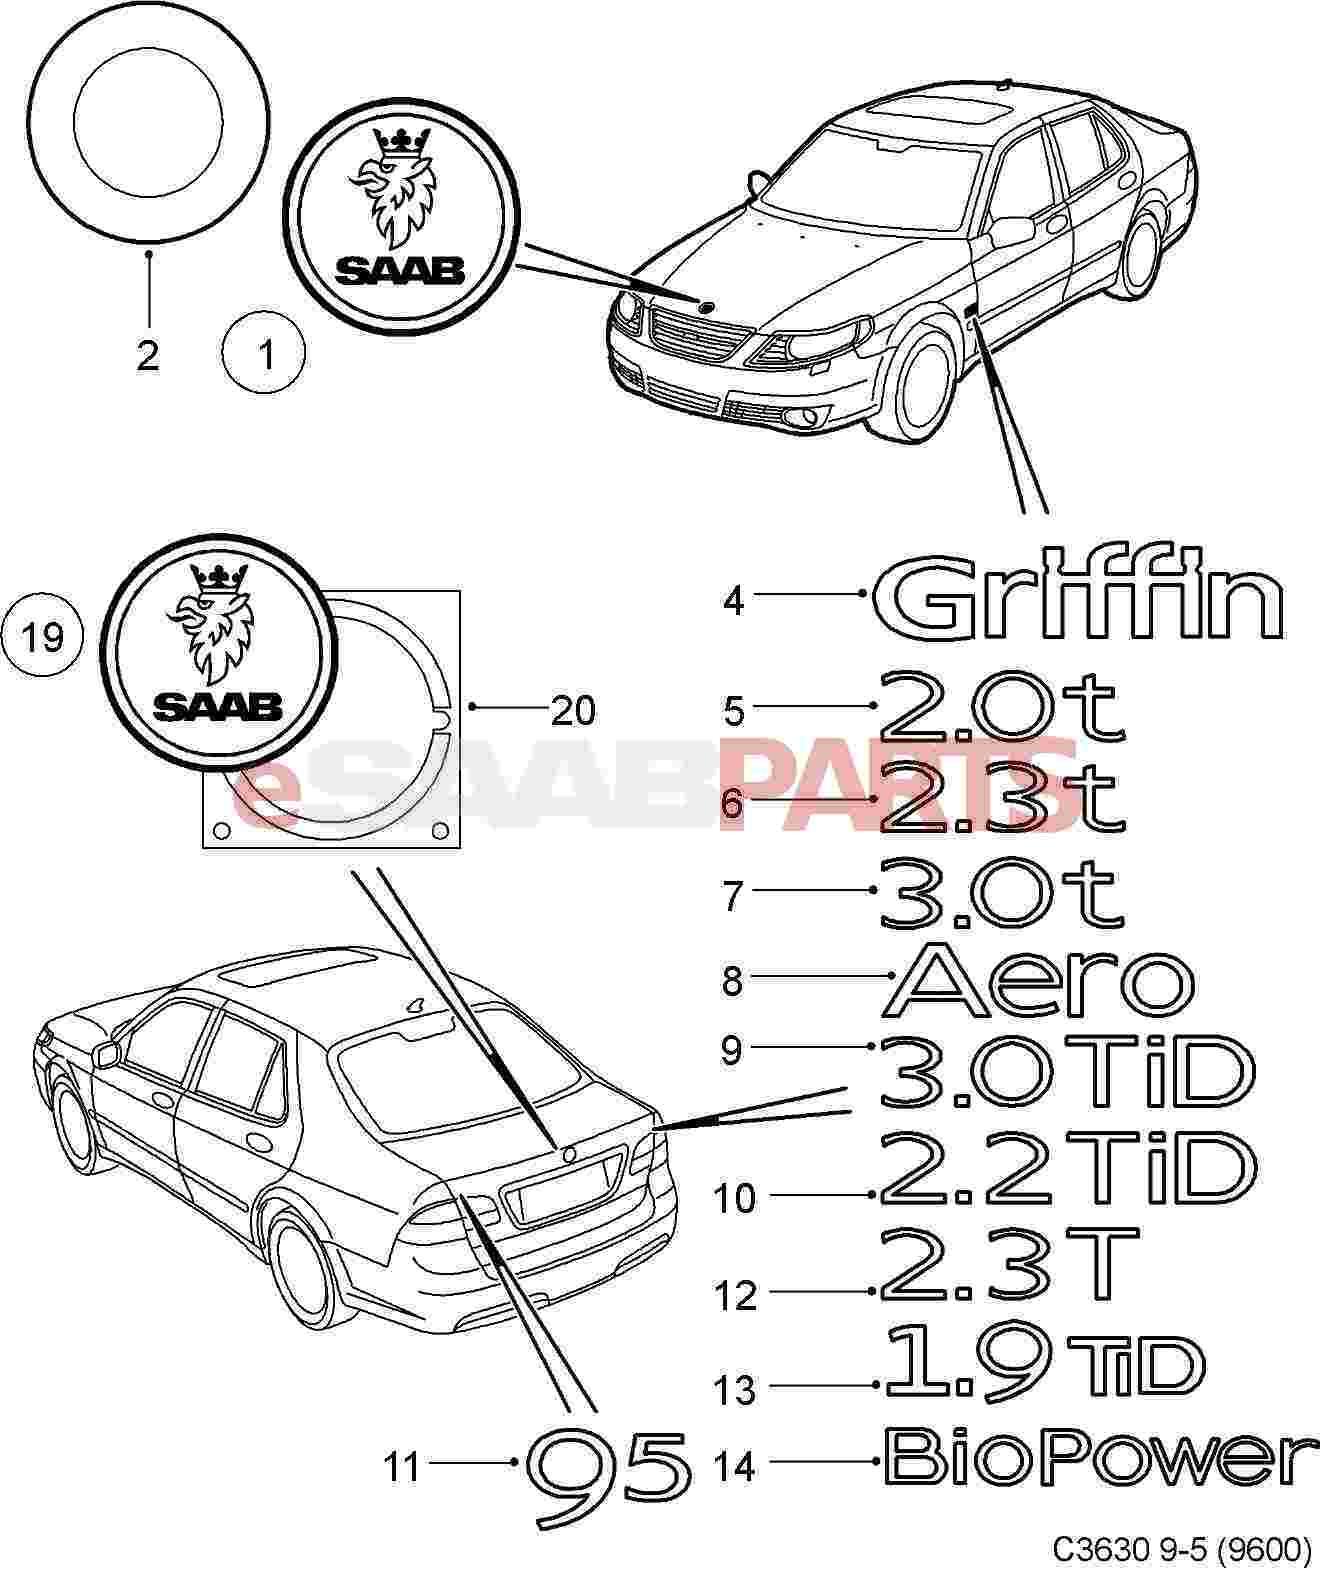 Saab Aero Trunk Emblem Badge 9 5 5d 02 09 9